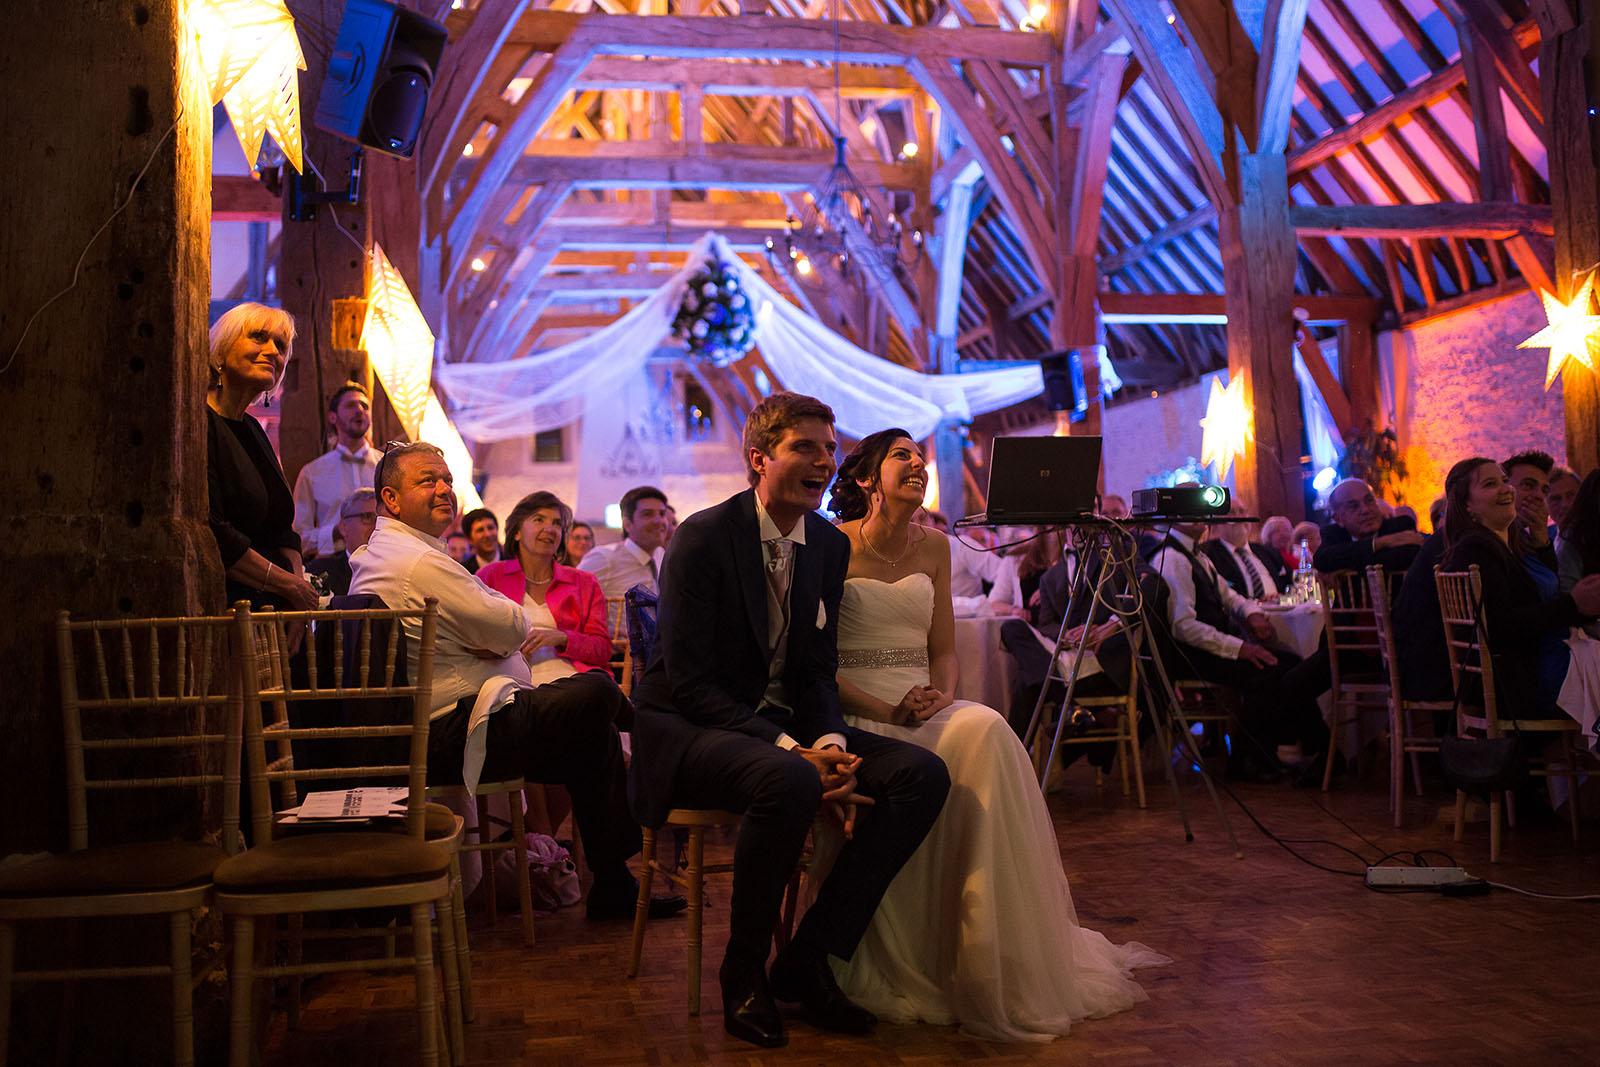 Mariage au Manoir de Corny en Normandie. Les mariés regardent une vidéo surprise